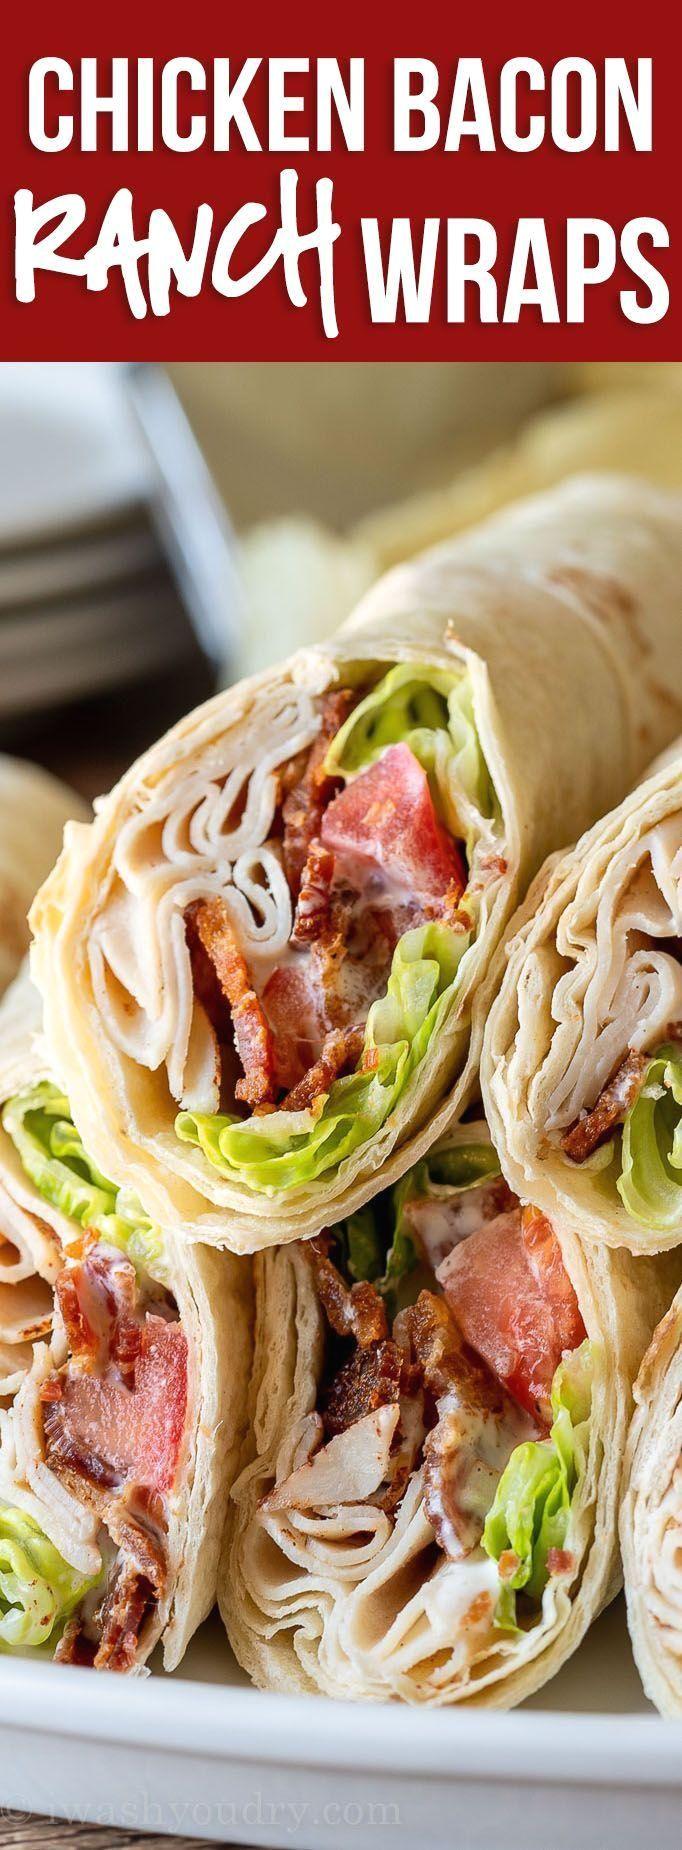 Chicken Bacon Ranch Wraps – #Bacon #Chicken #Ranch #Wraps